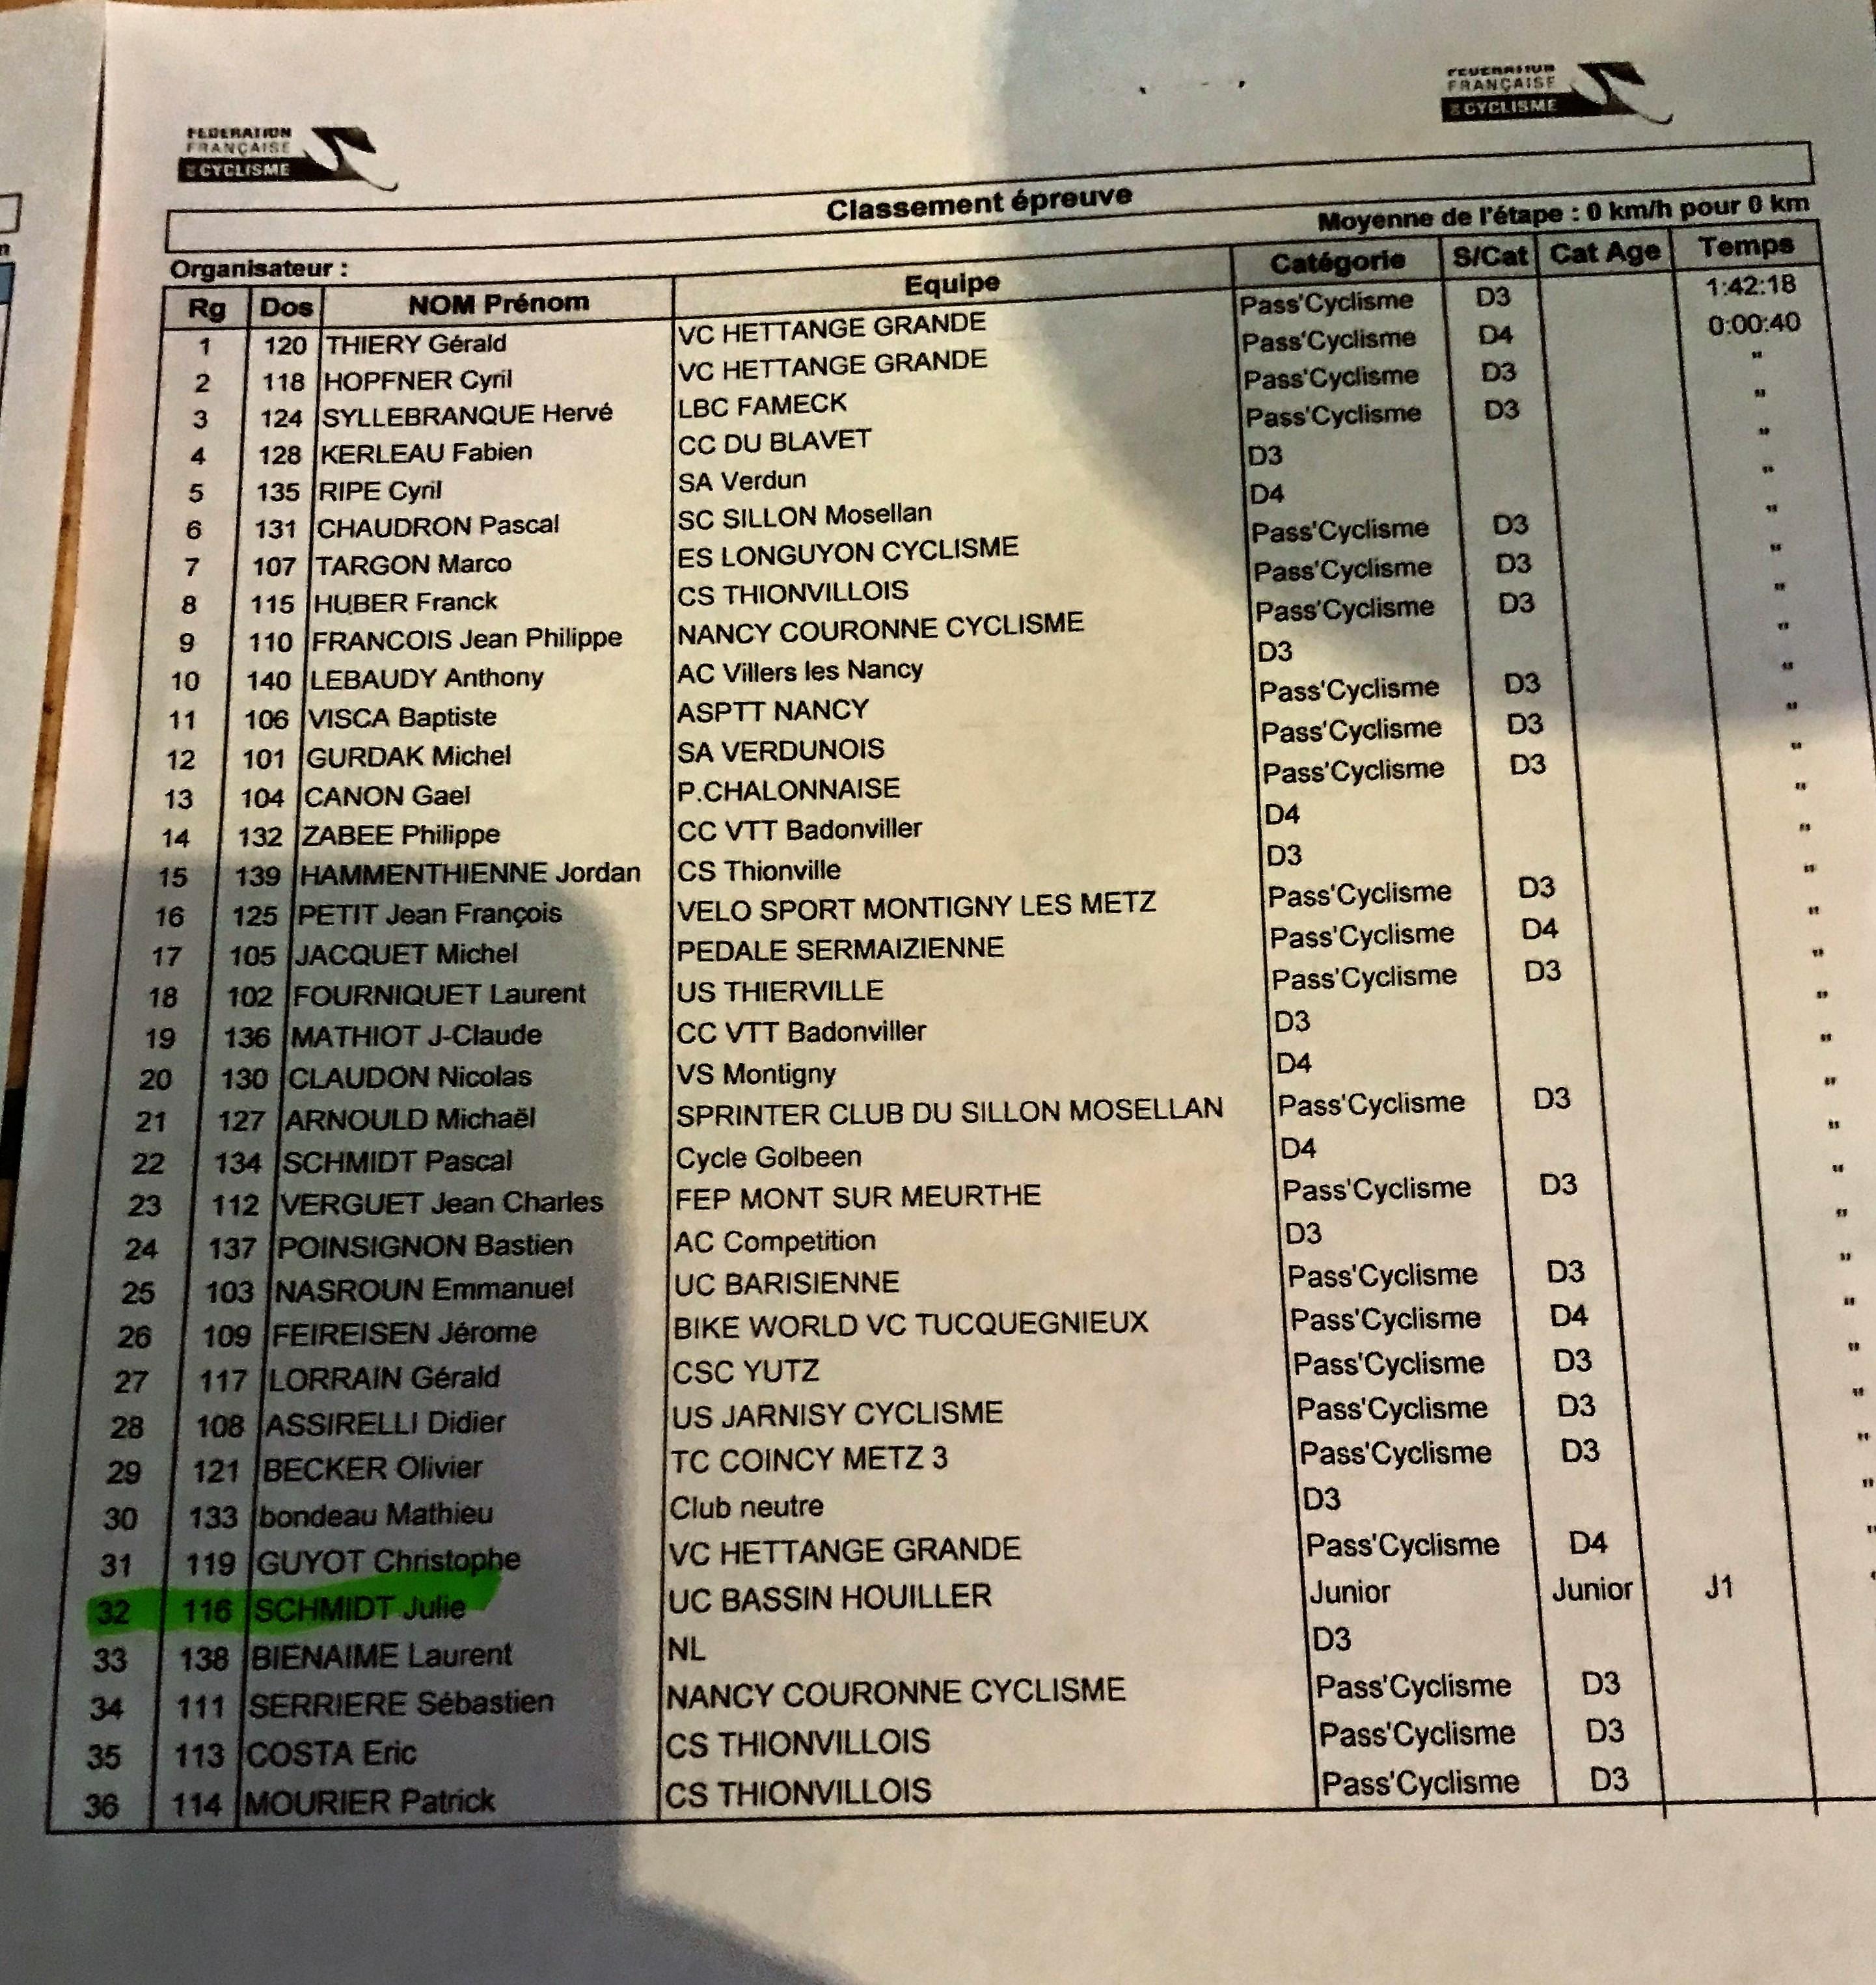 Classement-D3-D4.jpg